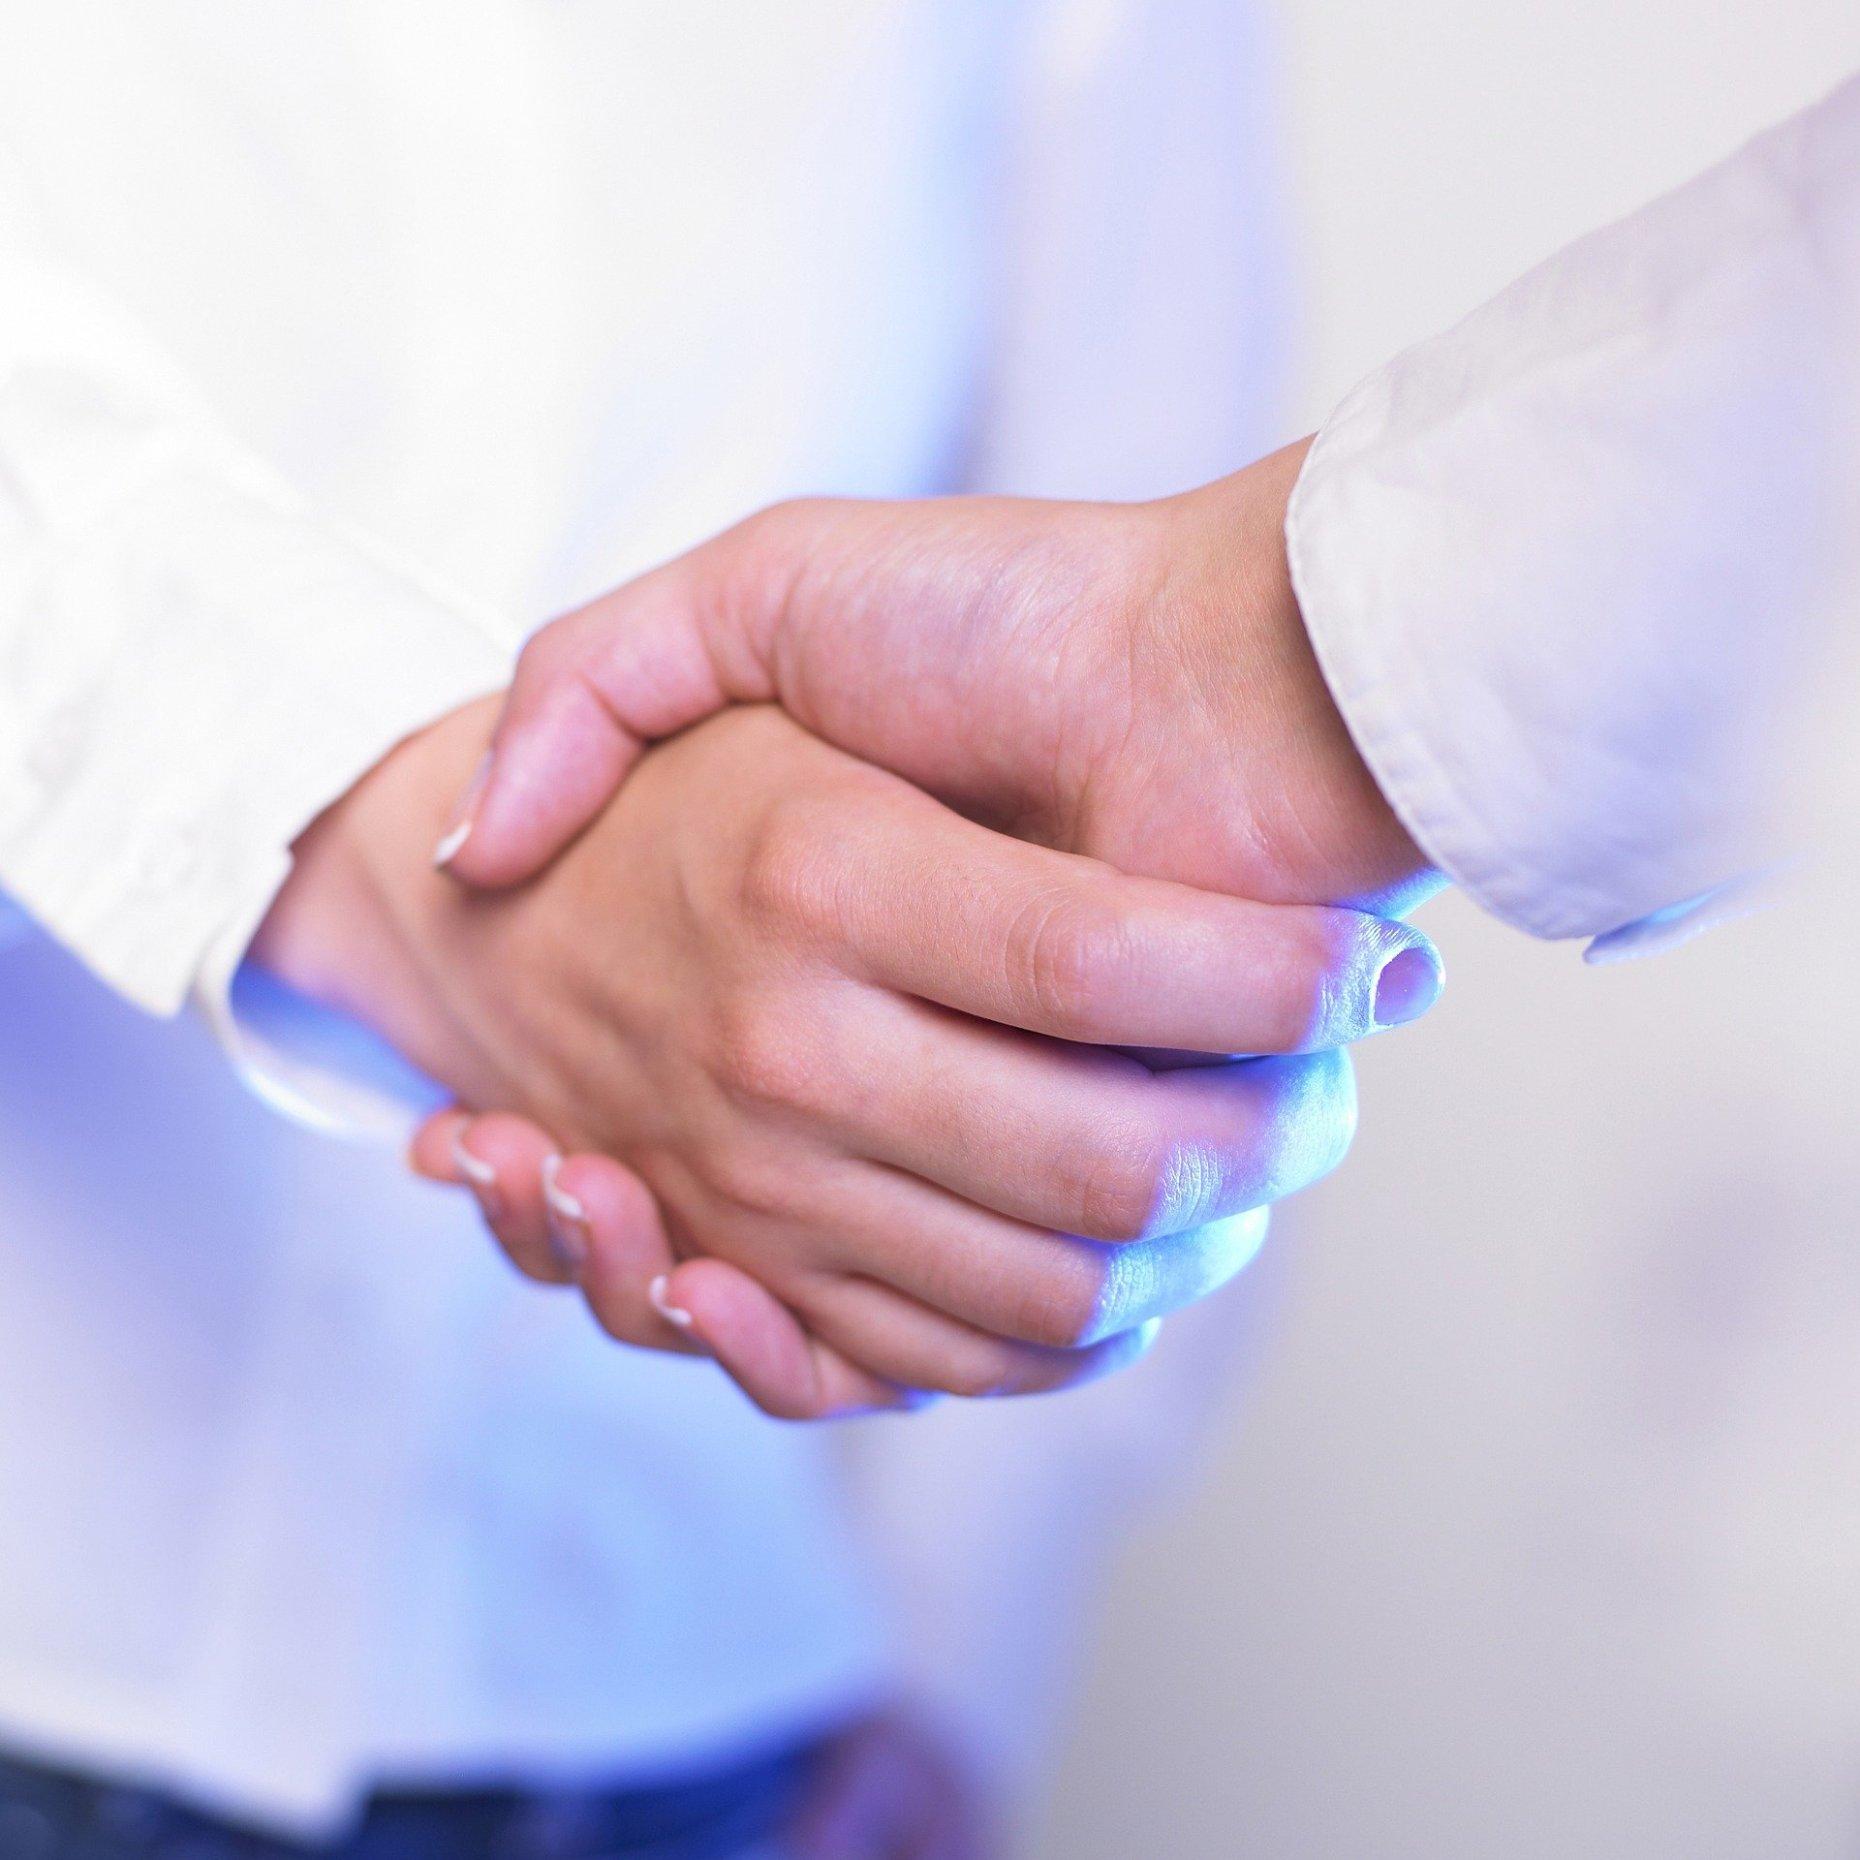 Zwei Personen im weißen Kittel geben sich die Hand.